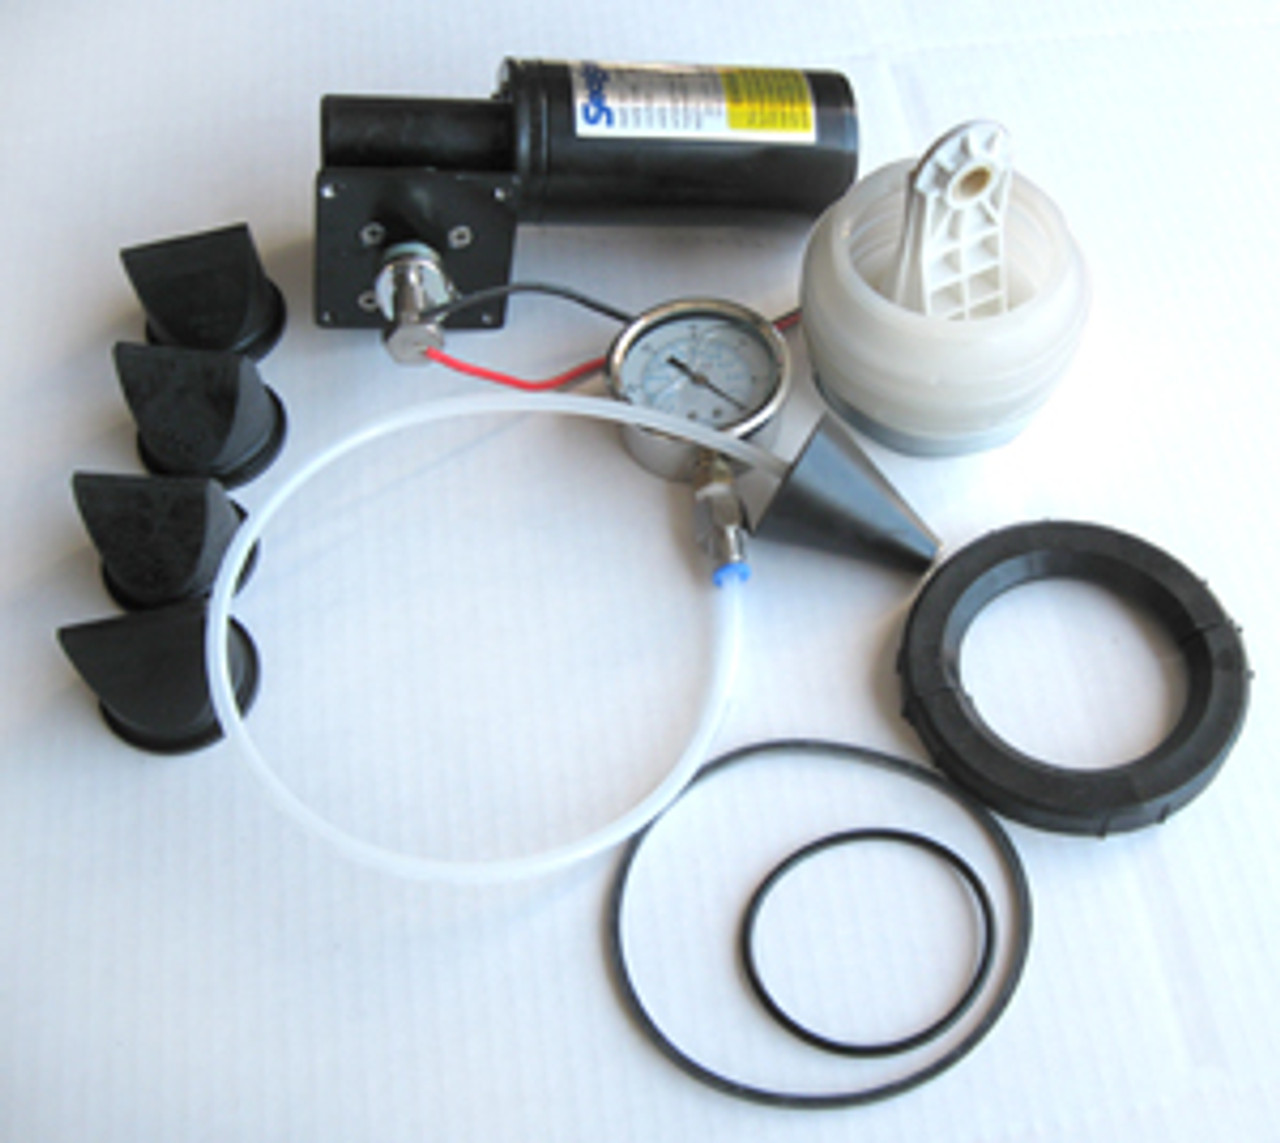 Sealand Vacuflush Toilet Parts